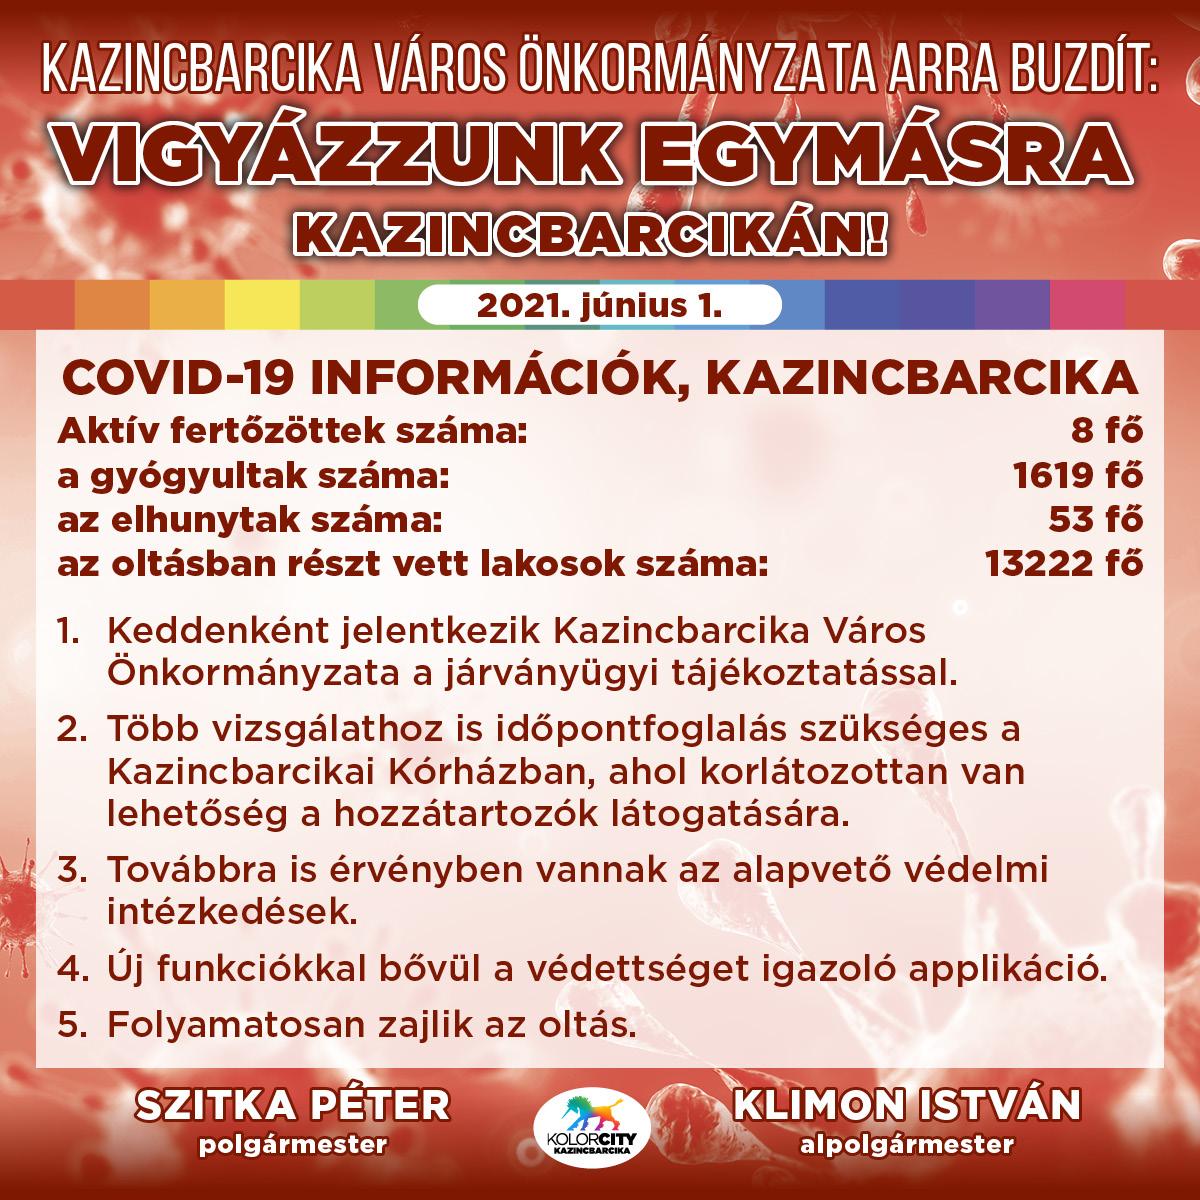 https://kolorline.hu/Vigyázzunk egymásra Kazincbarcikán! – 2021. június 1.